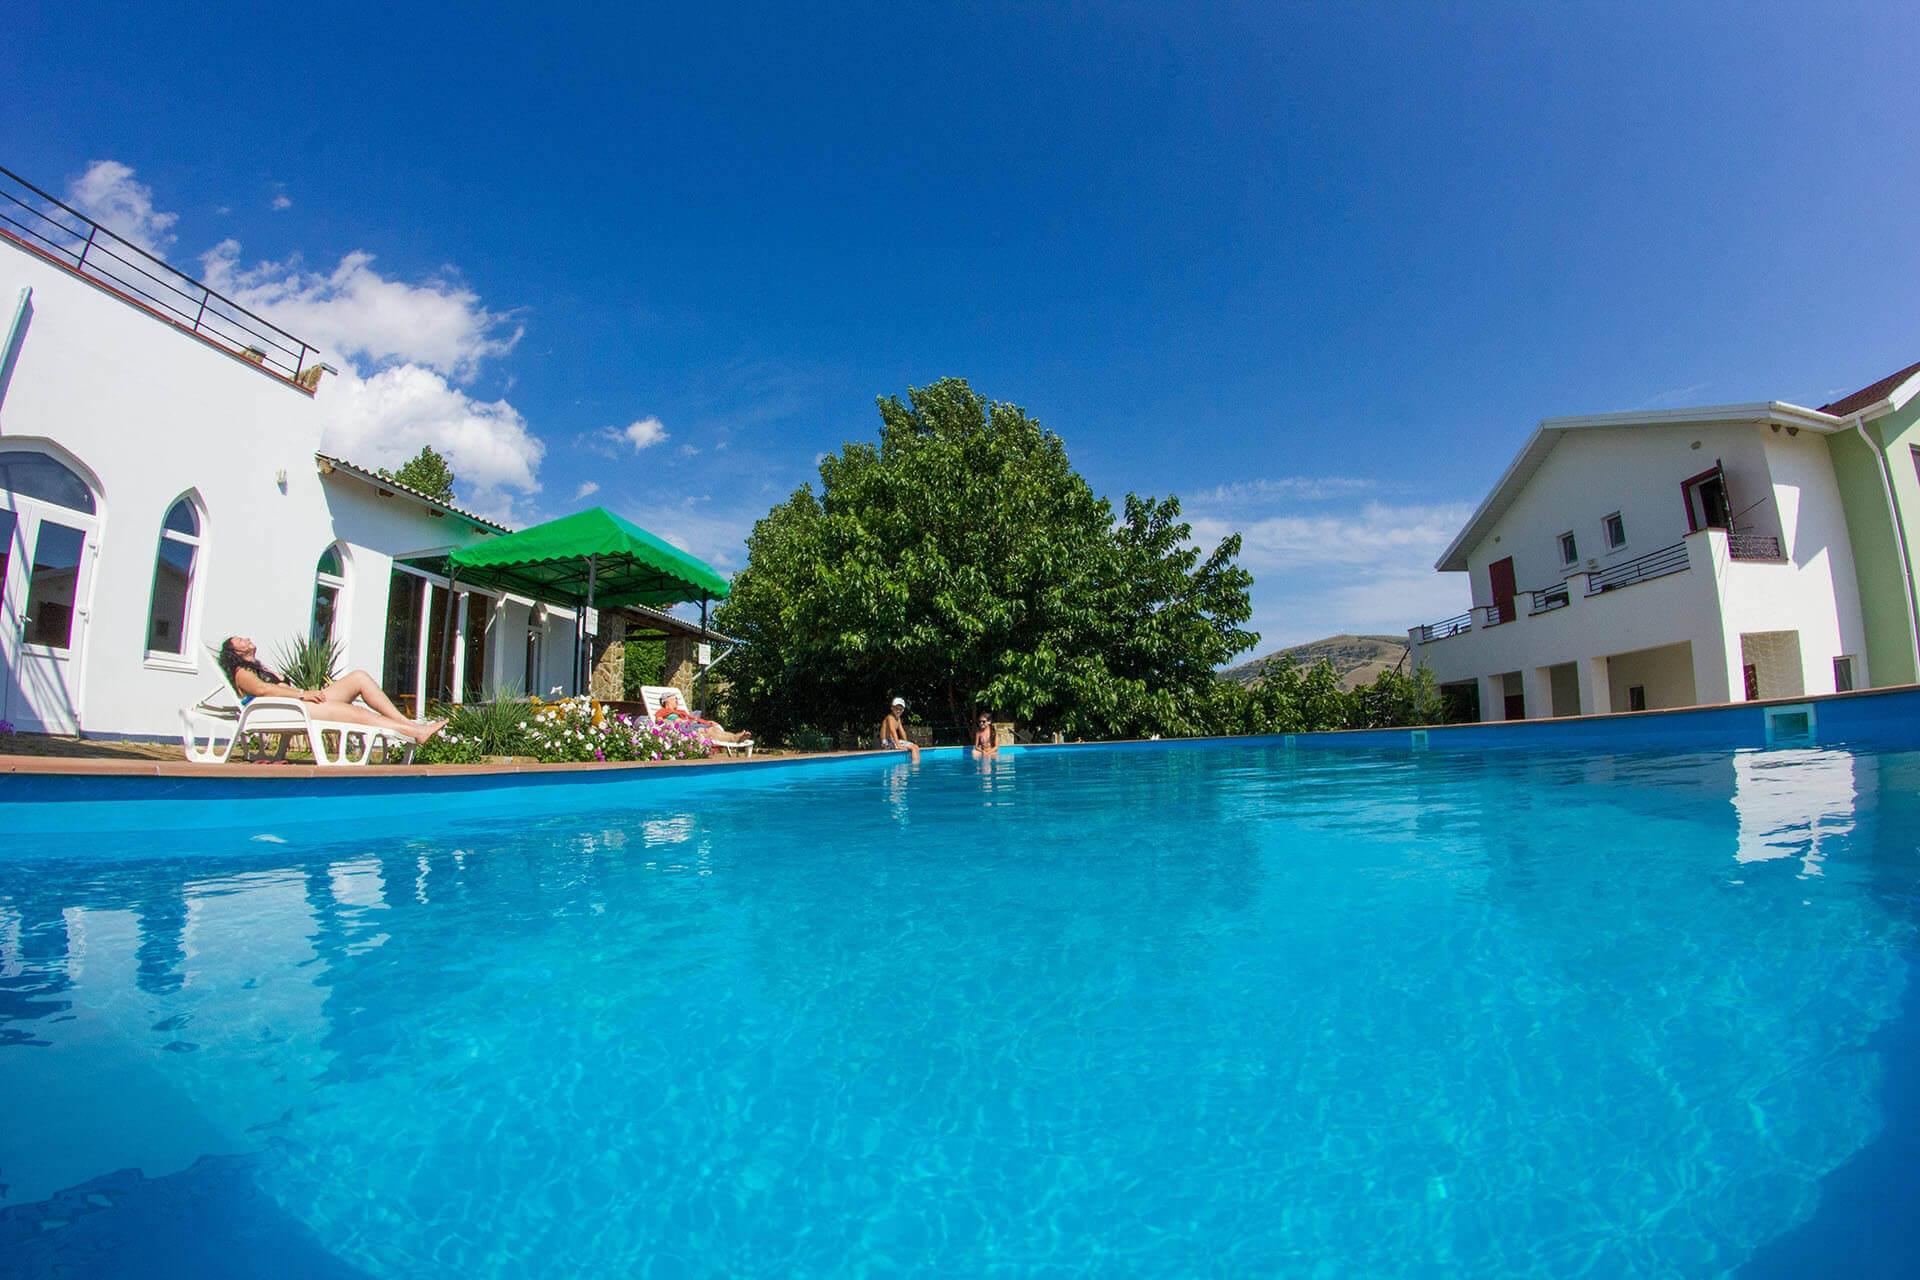 Отель с бассейном в Судаке. Ilgeri Resort